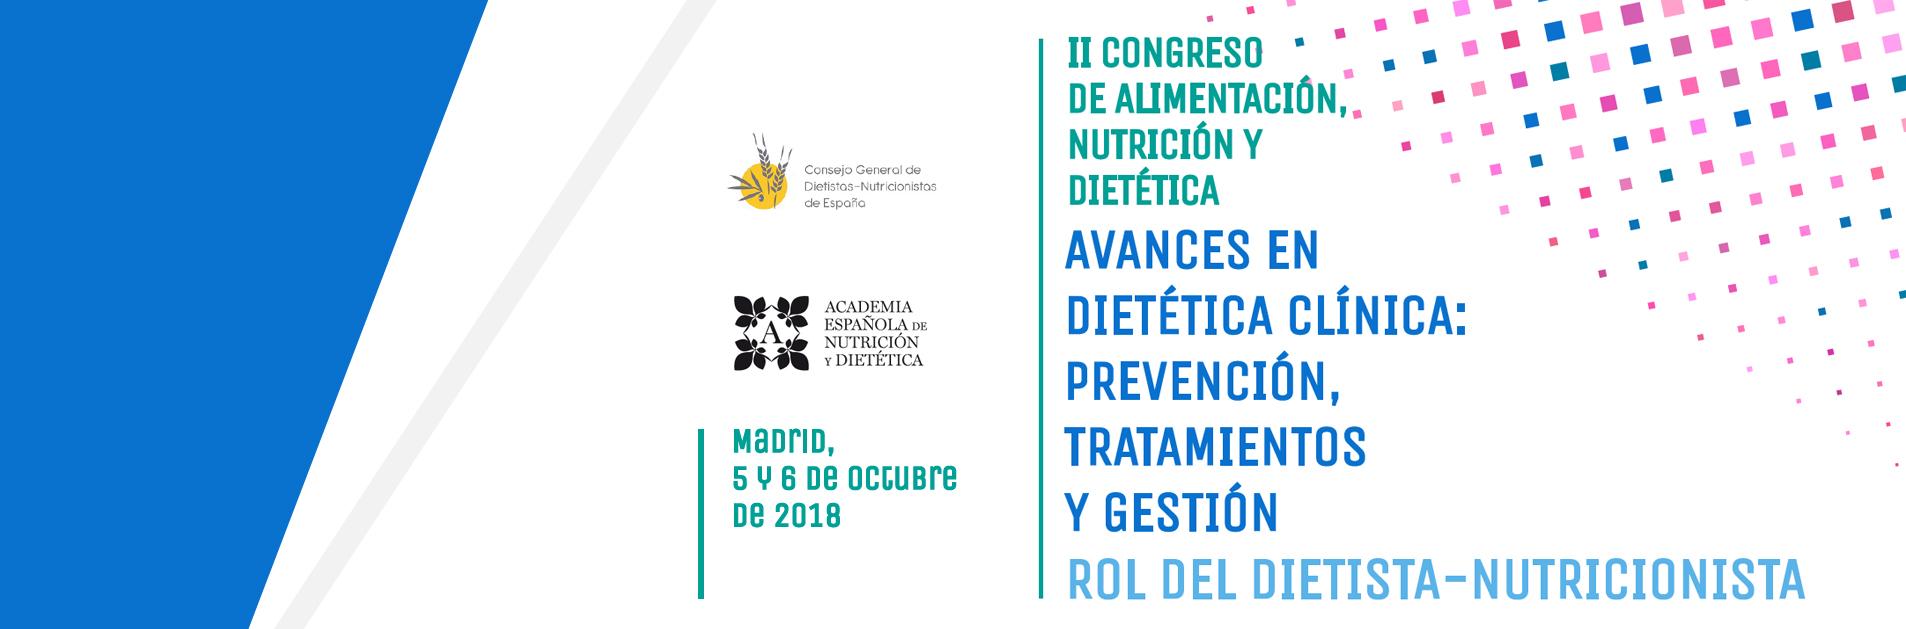 II Congreso de Alimentación, Nutrición y Dietética, 5 y 6 de octubre de 2018, Madrid.